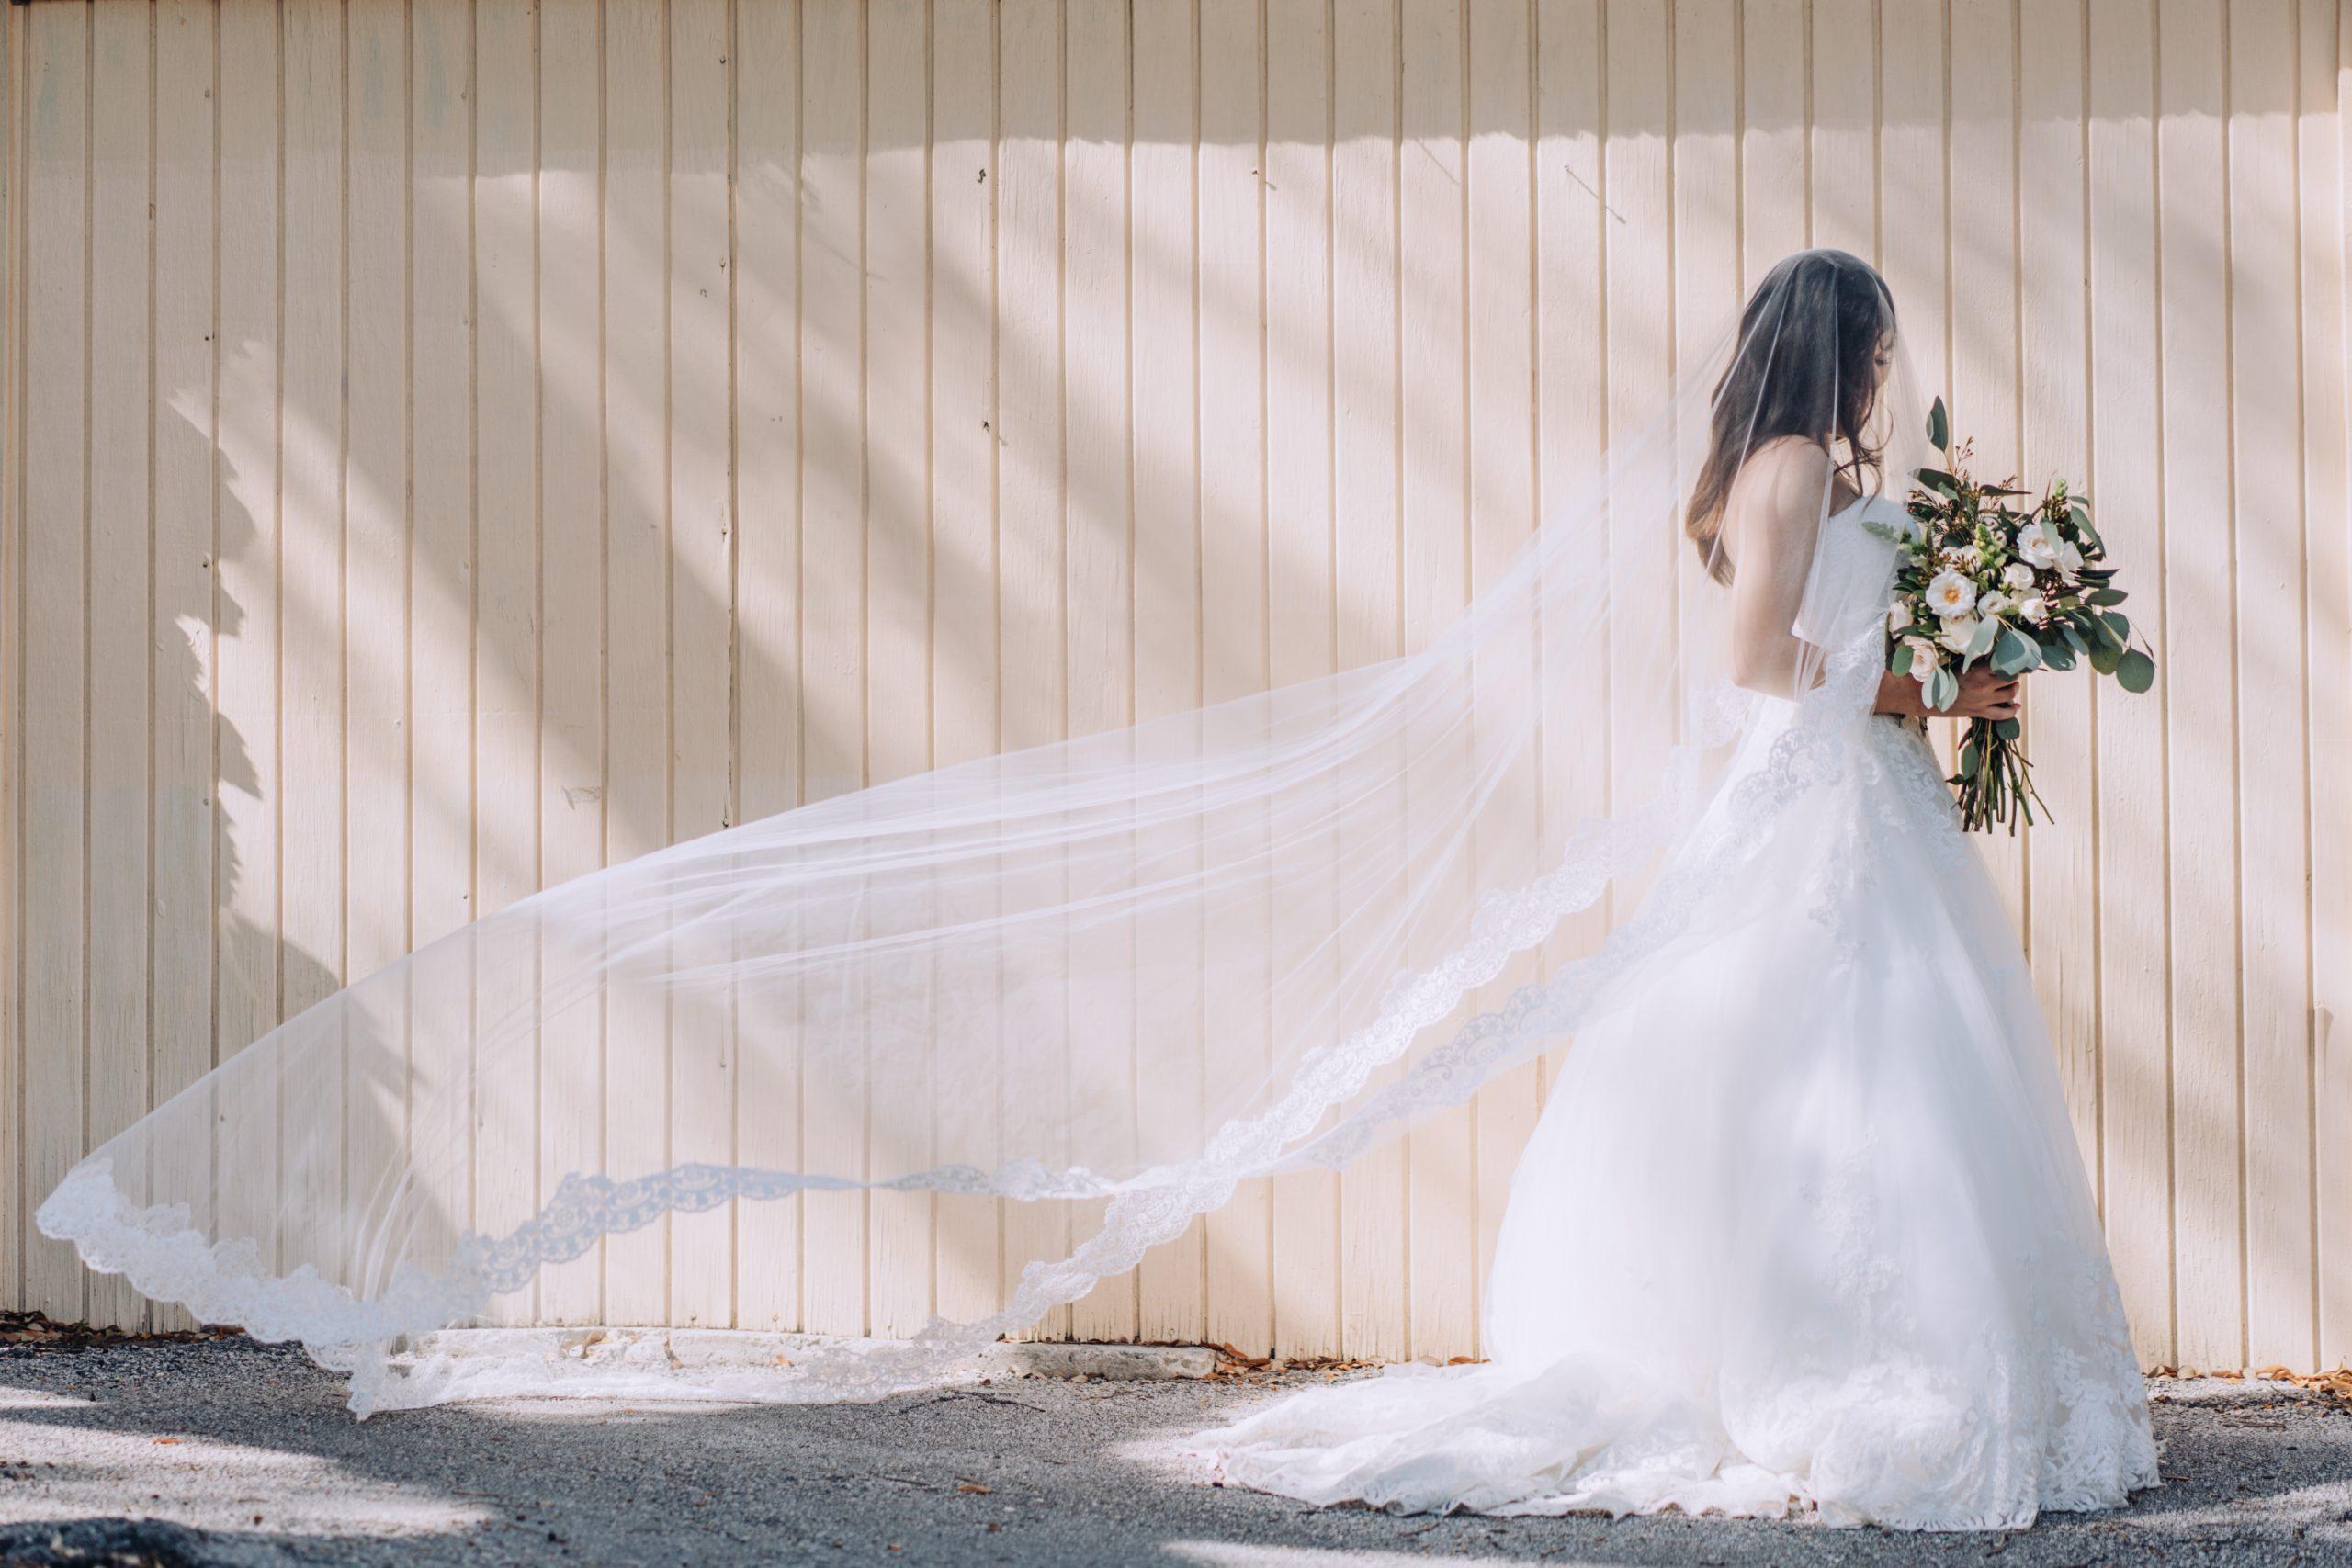 Vestido de noiva: alugar, comprar ou sob medida?